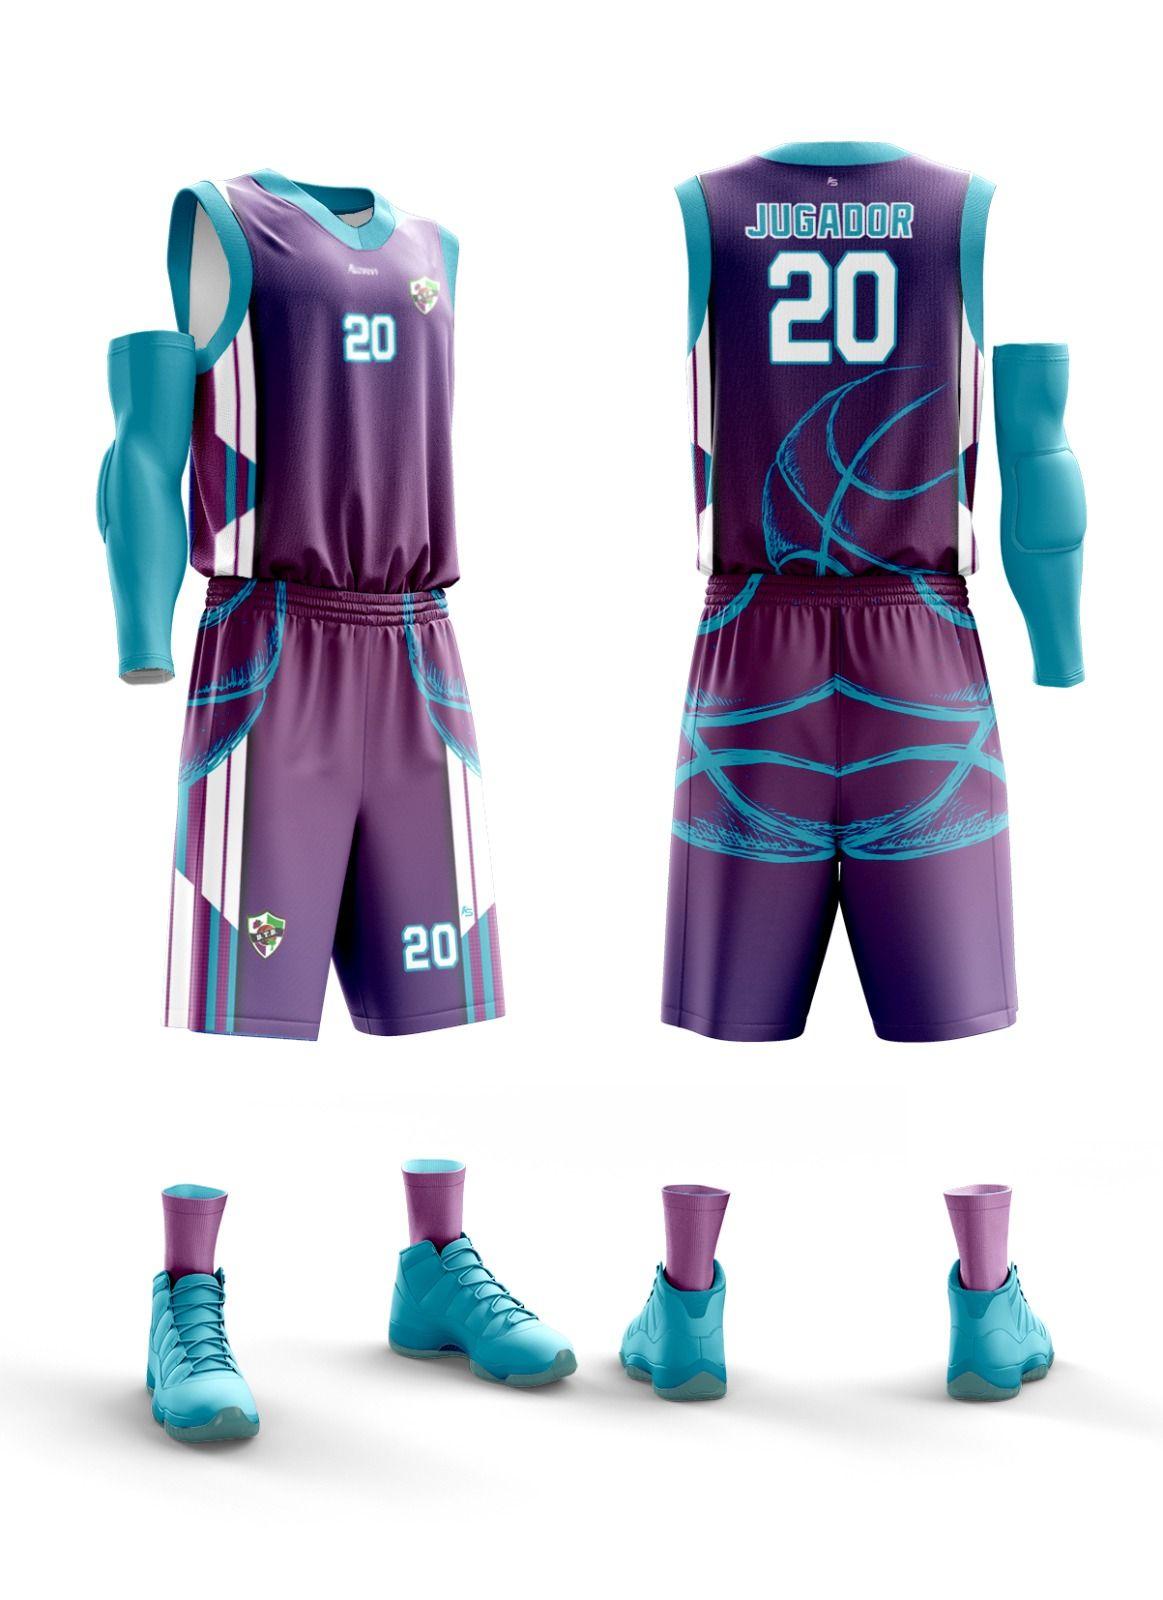 f13f8bb641 Pin de icrazy en 篮球服 | Uniformes de baloncesto, Uniformes de futbol y  Camisetas de fútbol